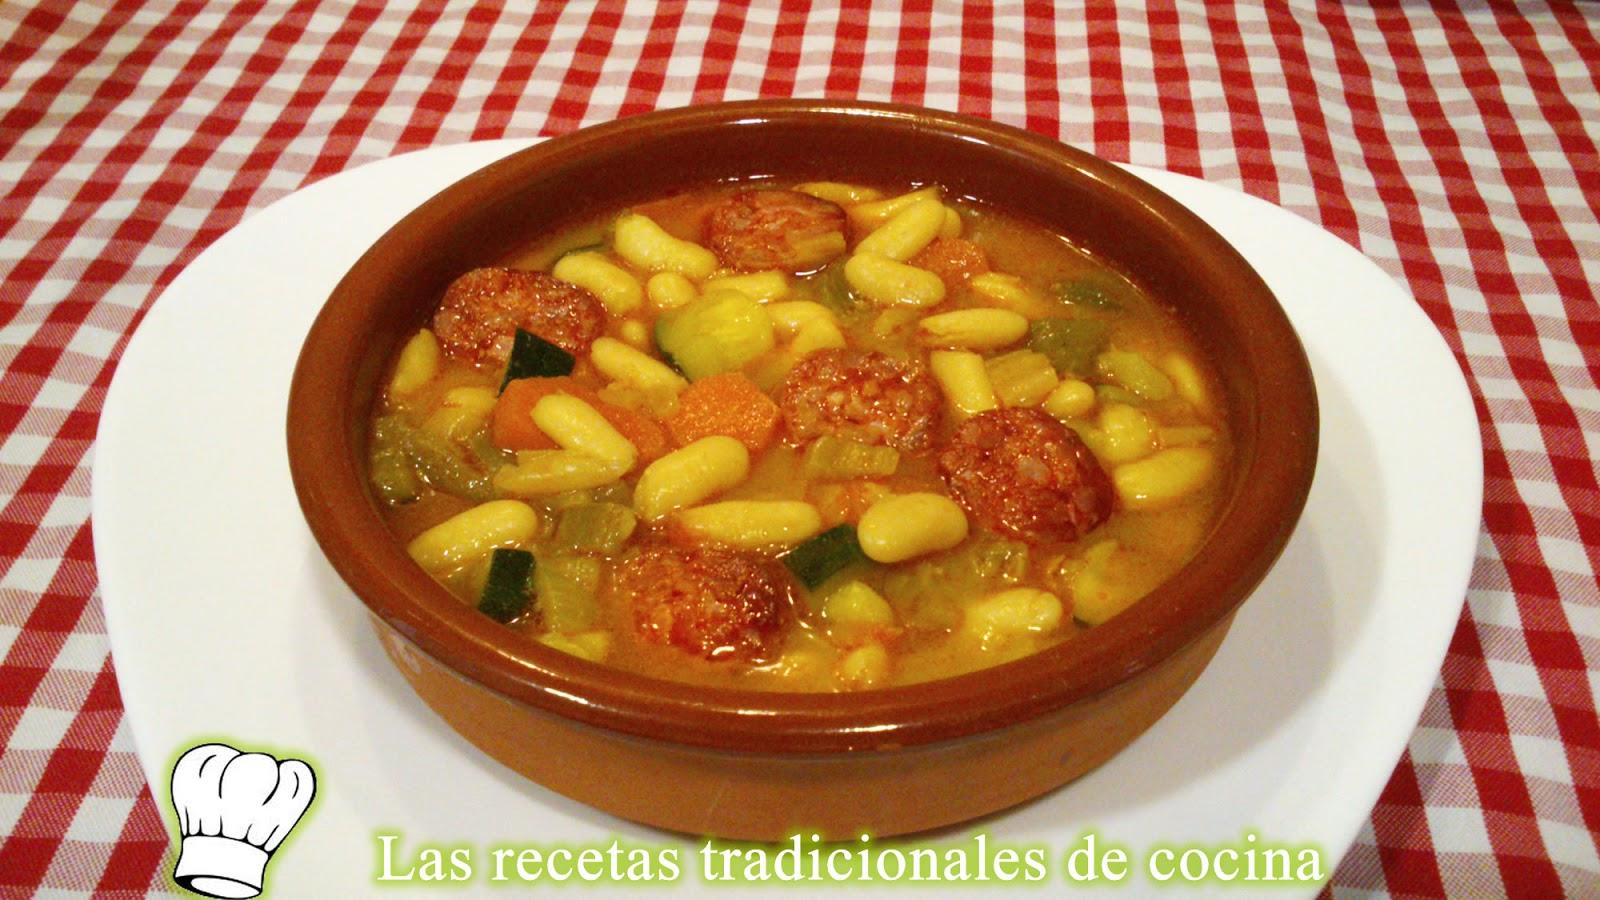 Como Cocinar Alubias | Receta De Alubias Blancas Con Chorizo Y Verduras Recetas De